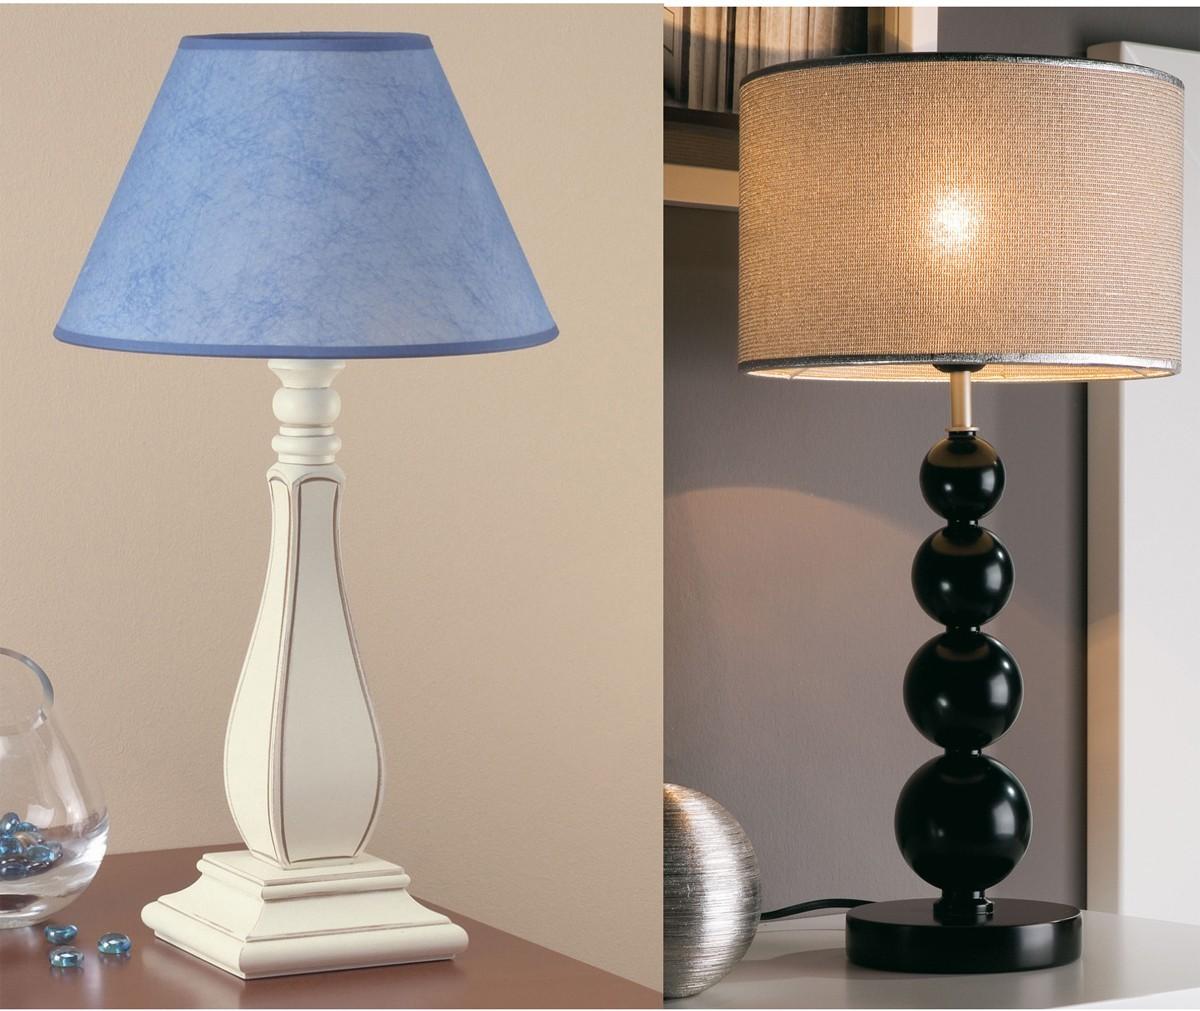 Que es una lampara - Lamparas de decoracion ...